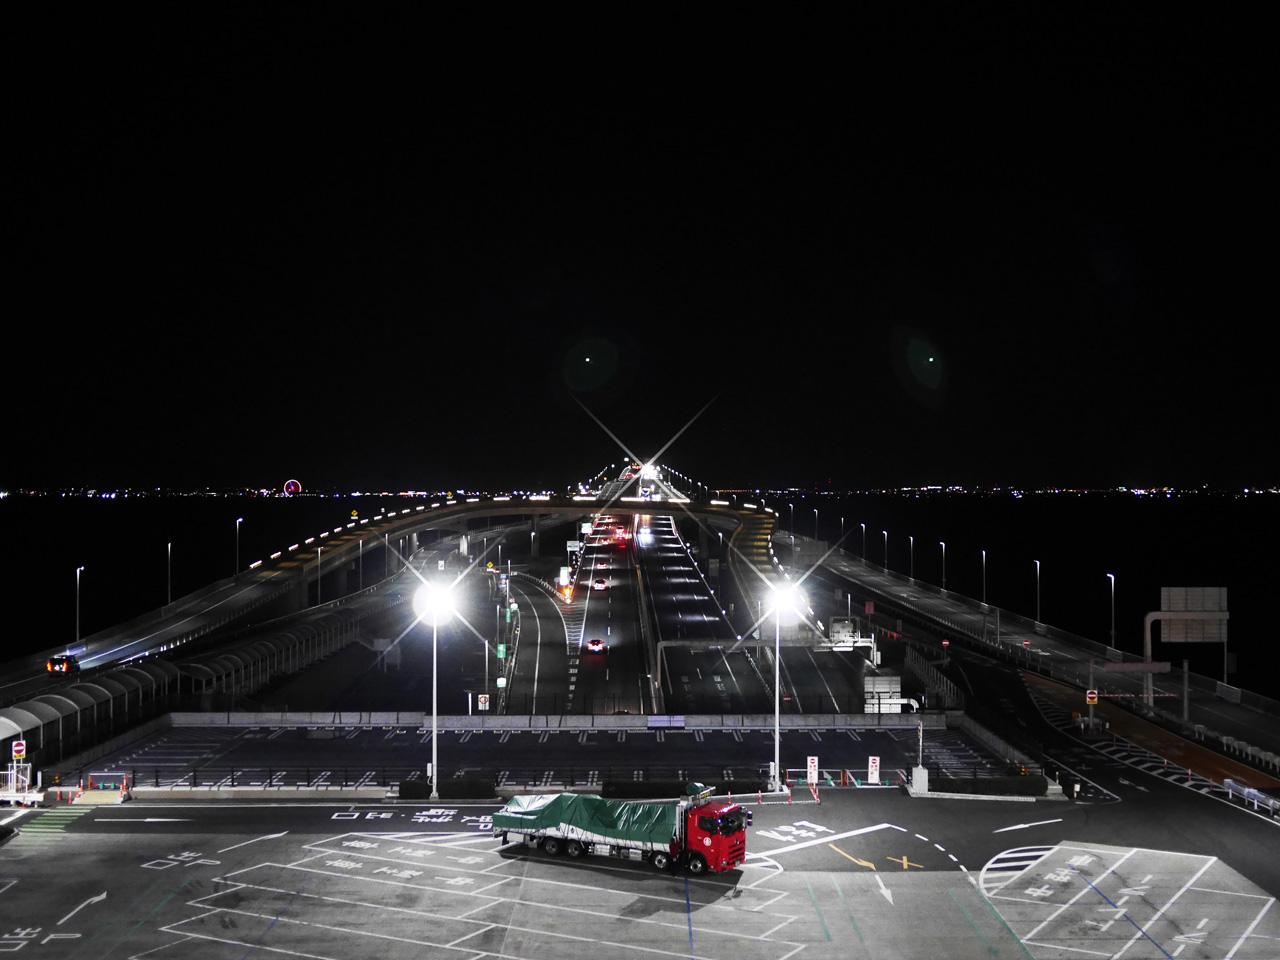 海ほたるから眺める木更津の夜景